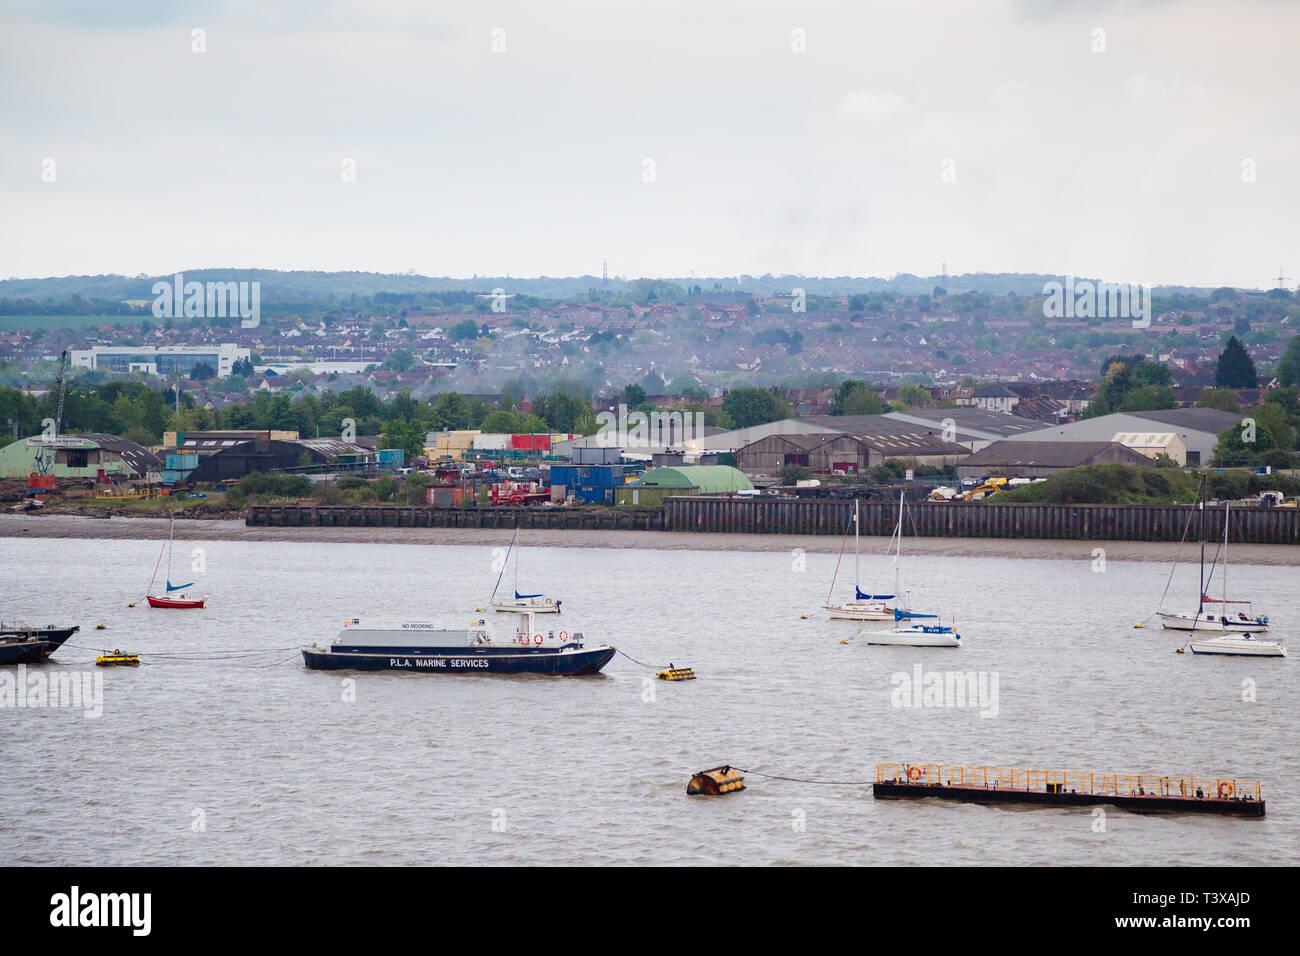 Gravesend, Kent, UK. Une vue de la Tamise à la recherche sur la zone industrielle de l'Est de Gravesend. Transport maritime de bateaux et d'autres peuvent être vus. Photo Stock